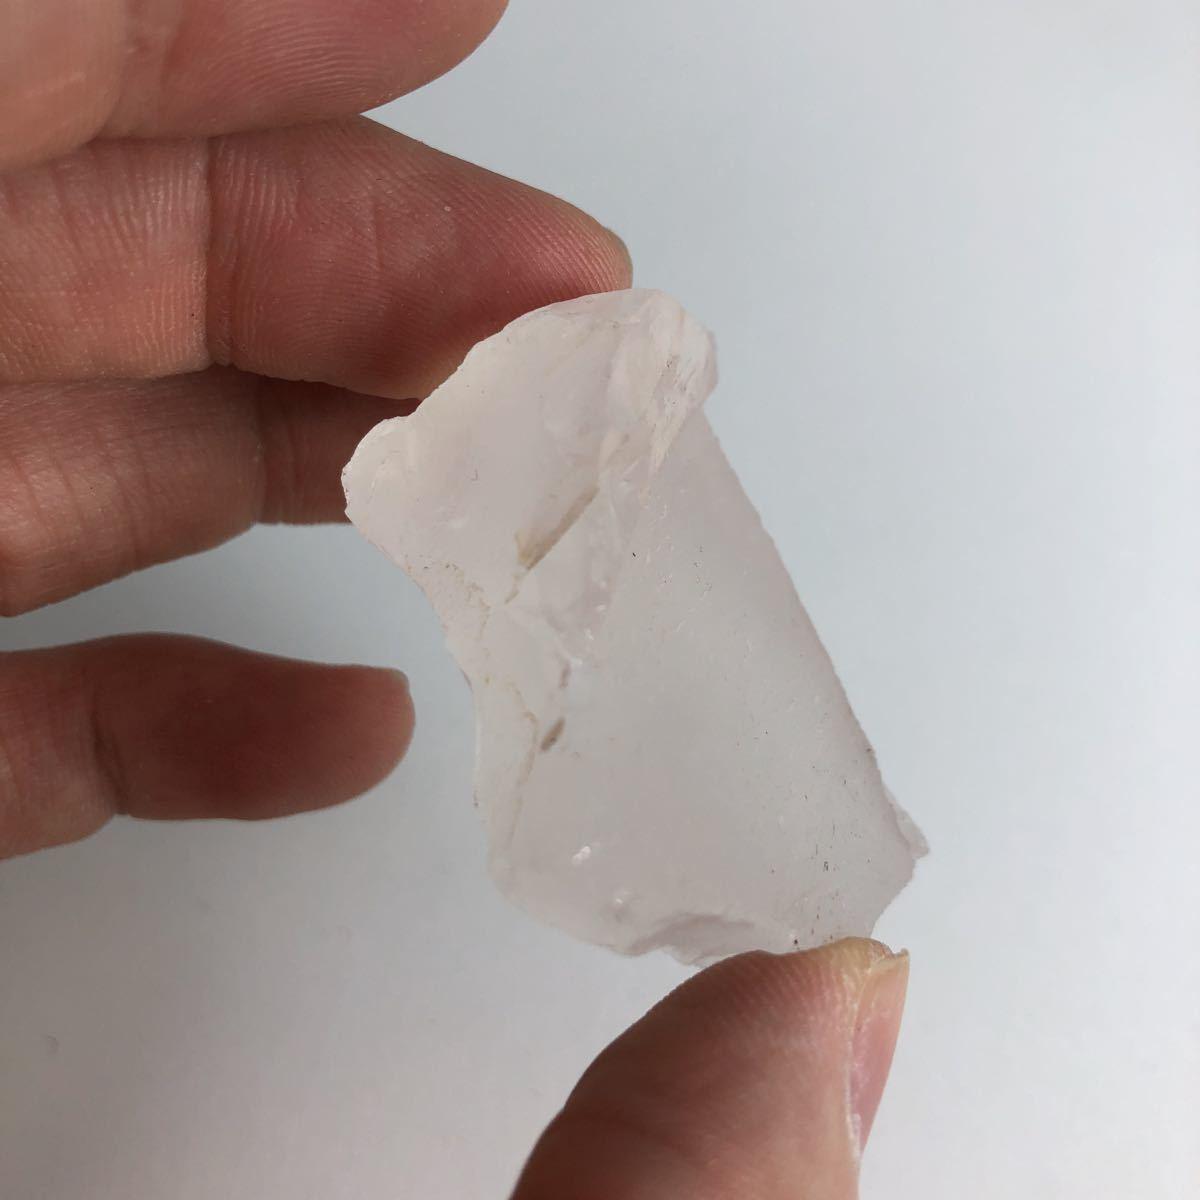 NO:4761 メタモルフォーシス 水晶 ミルキークォーツ ジラソルクォーツ ミルキー ジラソル クォーツ 天然石 原石 パワーストーン 鉱物_画像9